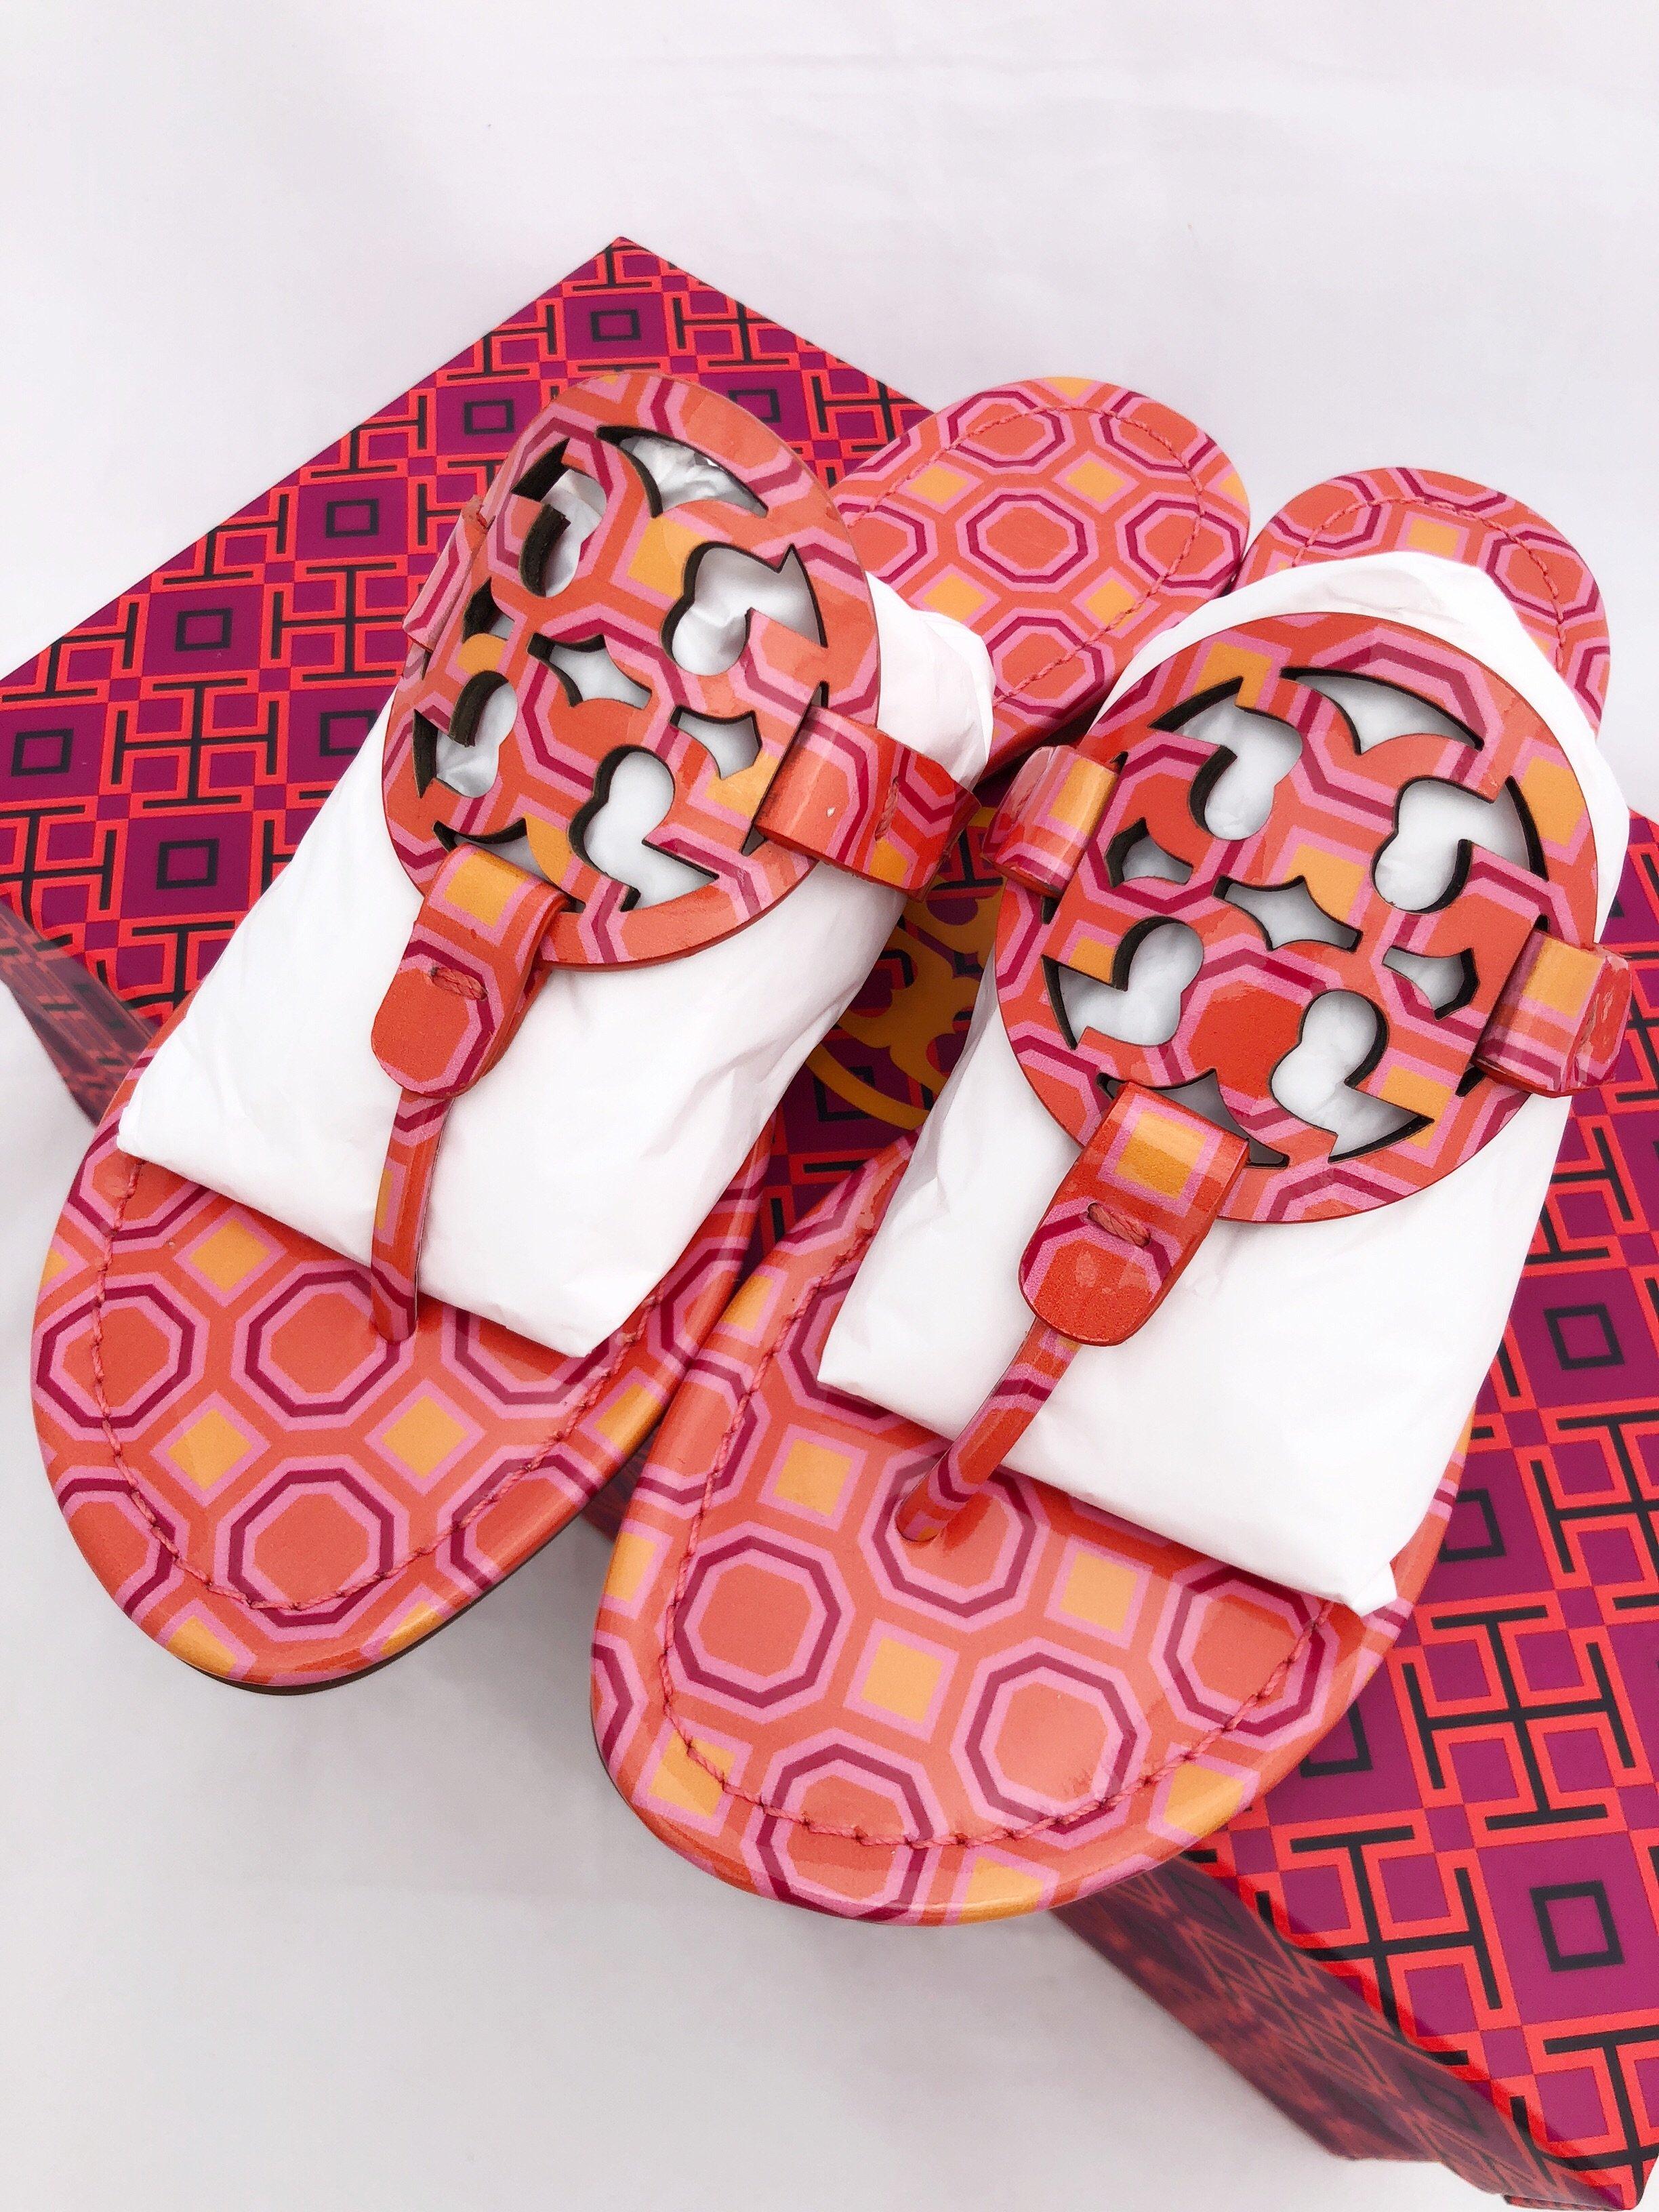 dd03e9144 Tory Burch Miller Sandals Flip Flop Orange Coral Pink 7 7.5 8 8.5 10 ...